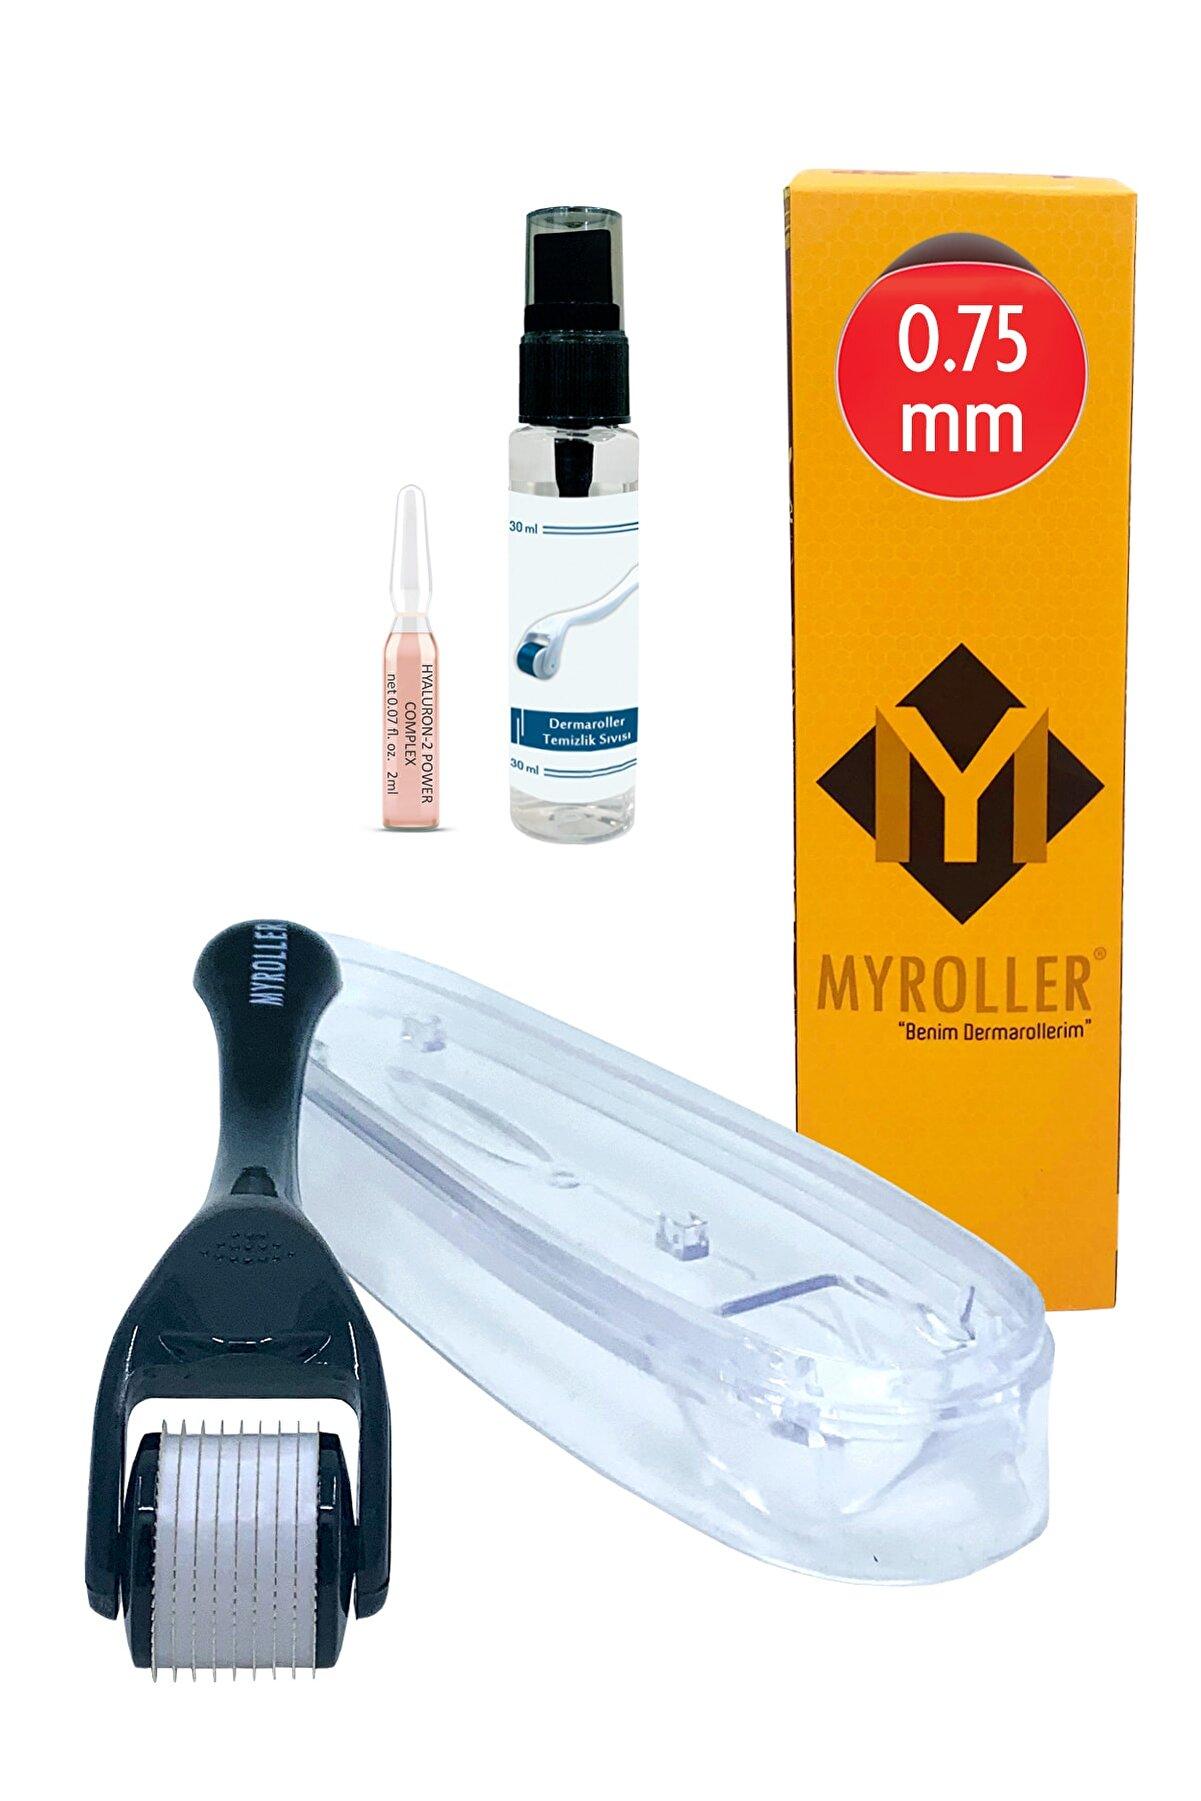 Myroller Dermaroller 0.75mm + Nemlendirici Ampul + Dezenfektan Seti Titanyum 540 Derma Roller Saç Cilt Yüz